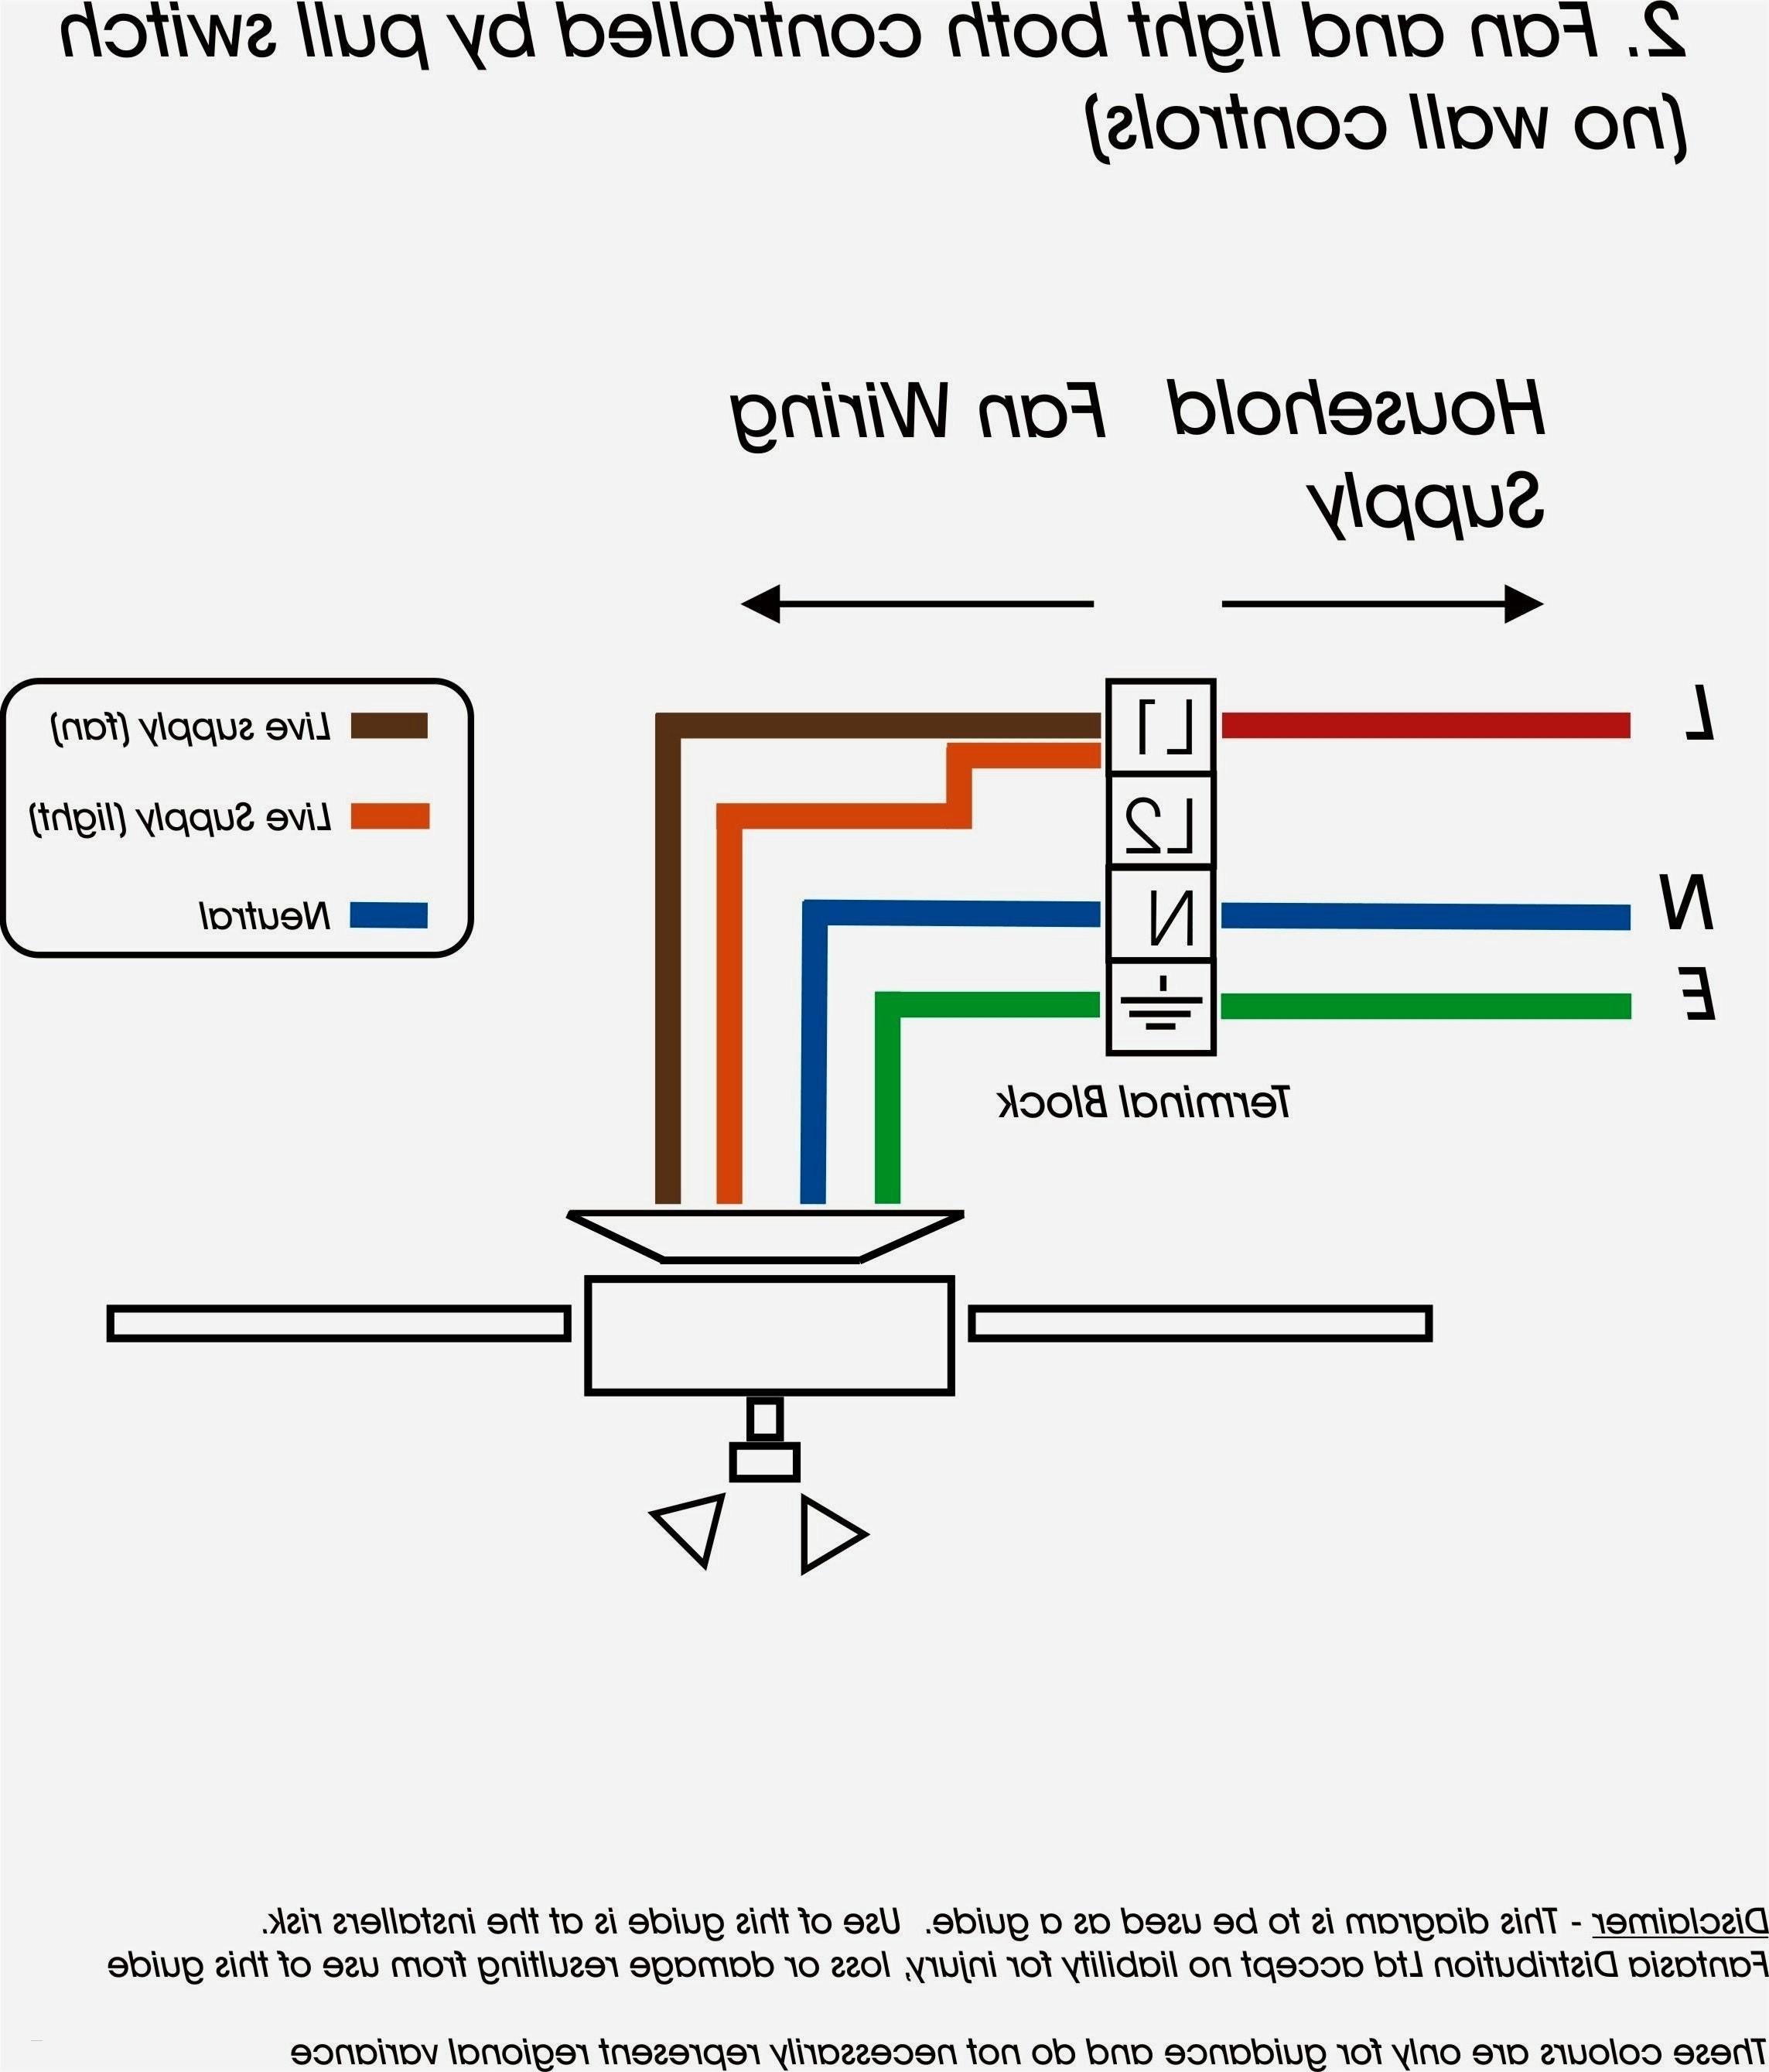 Brake Pedal Switch Diagram Electrical Switch Diagram Download Leviton Single Pole Switch Pilot Of Brake Pedal Switch Diagram